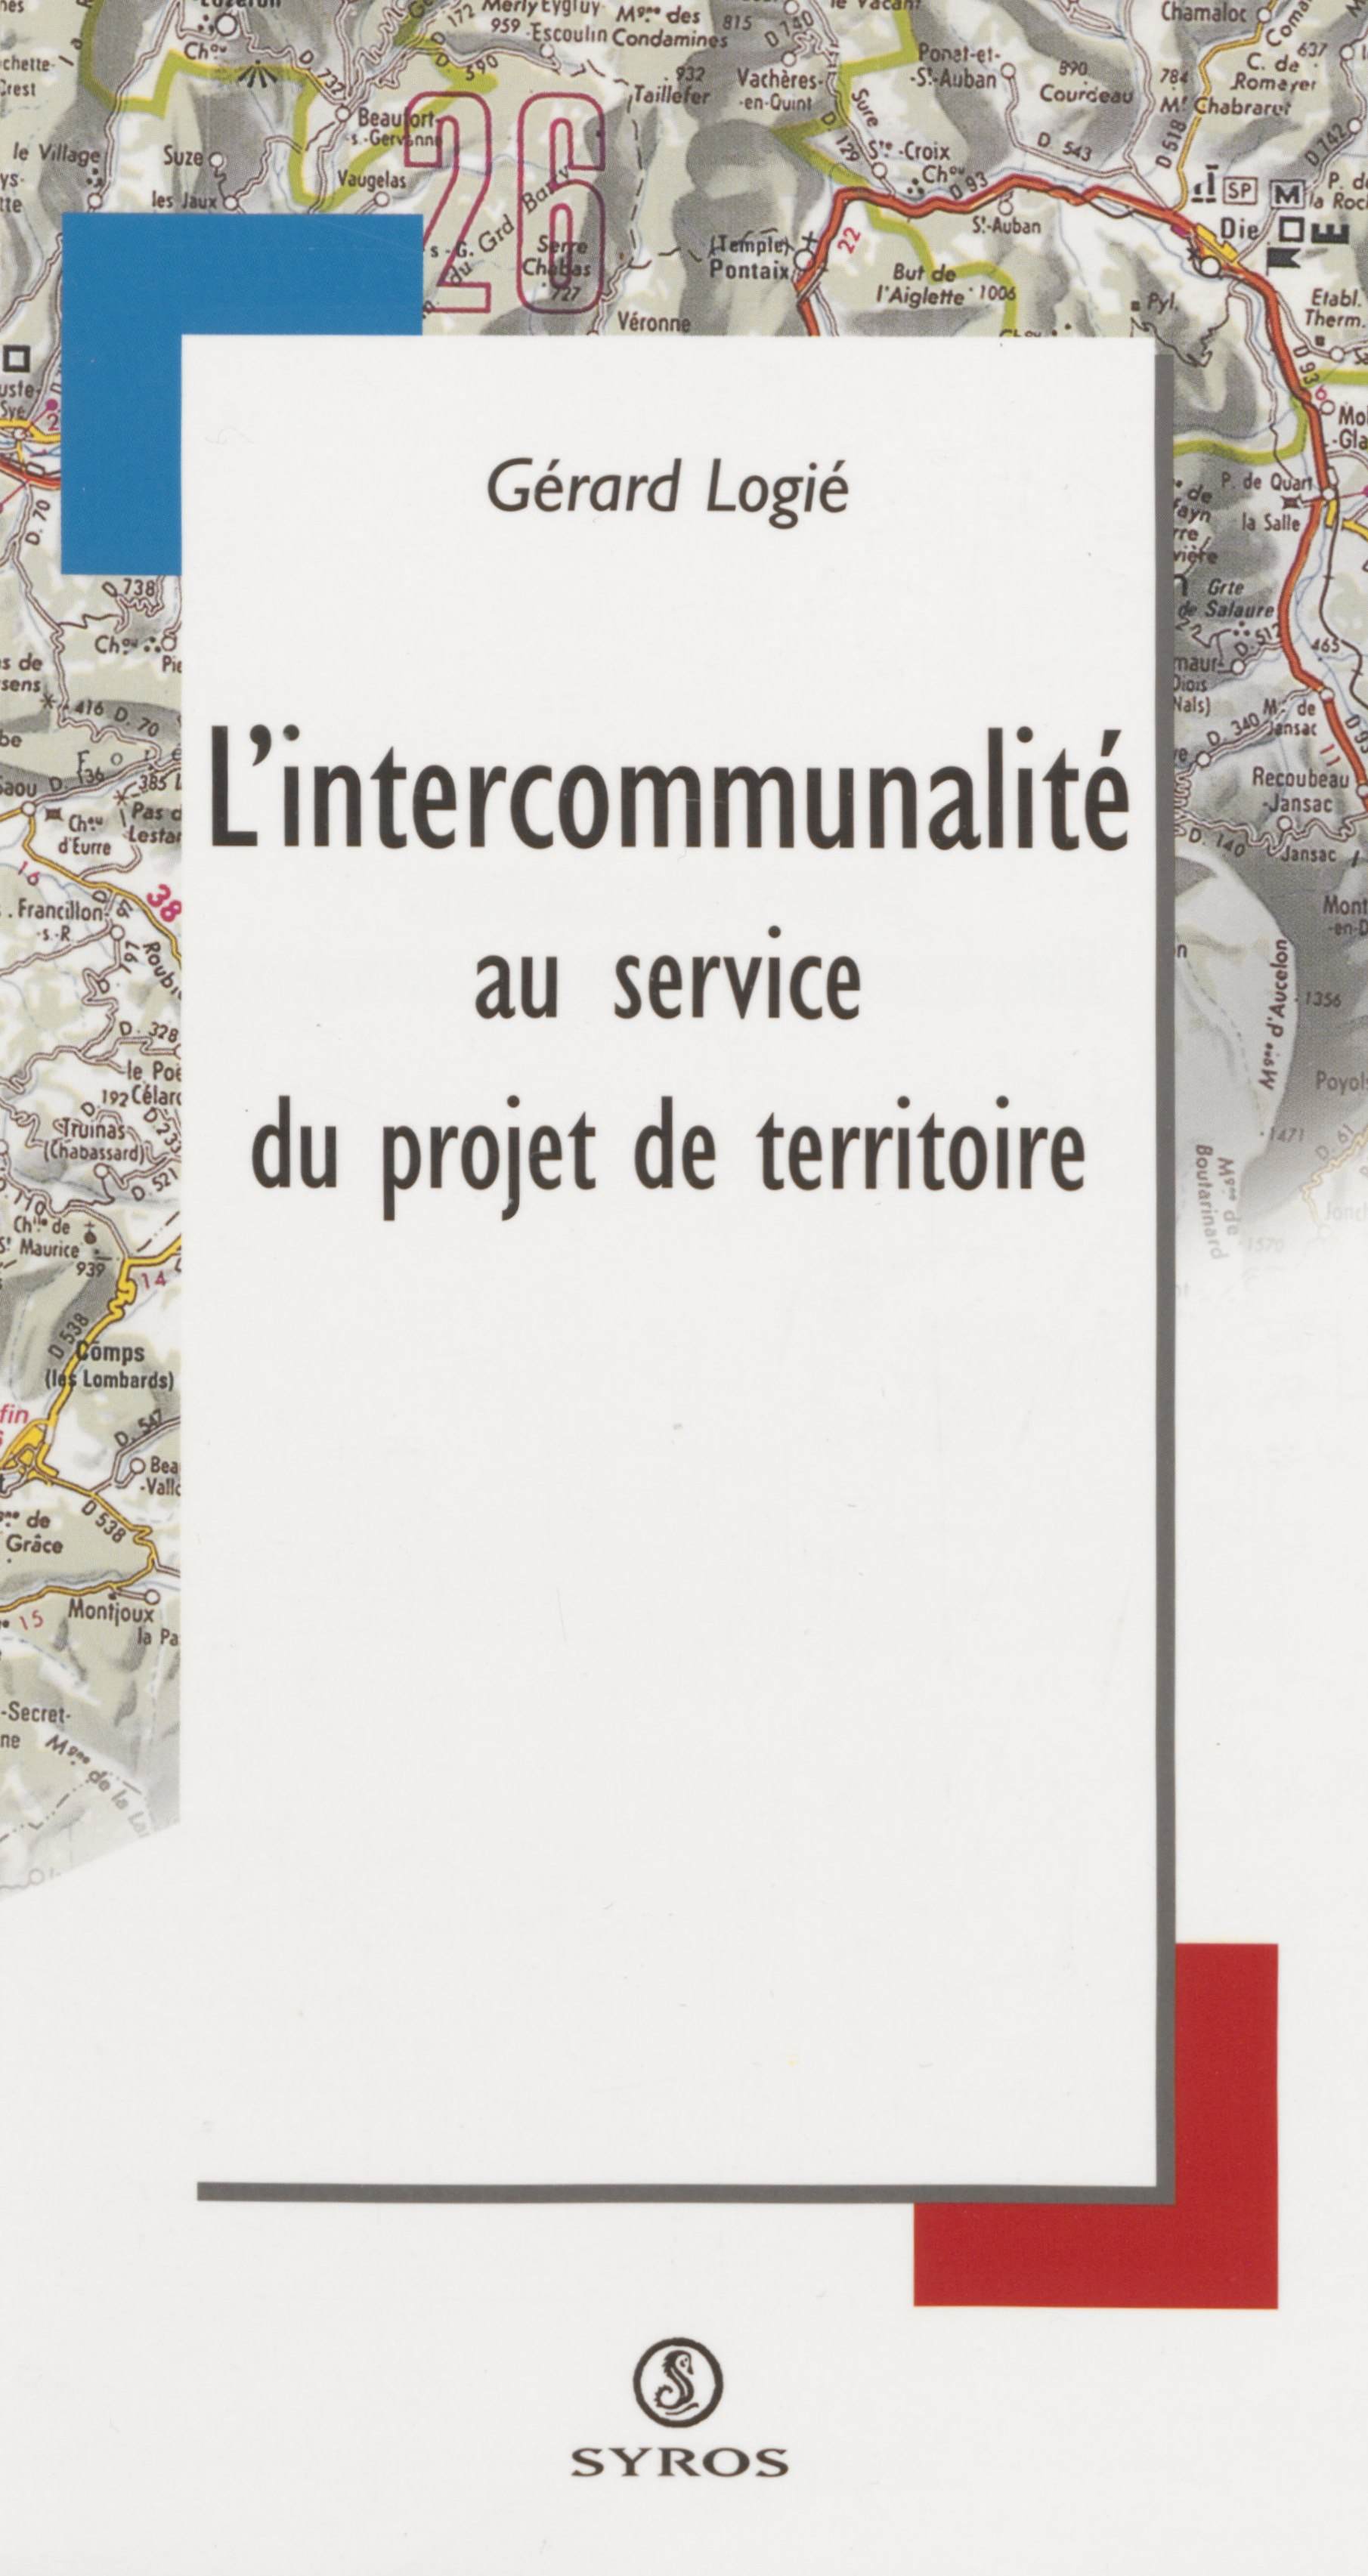 L'intercommunalité au service du projet de territoire